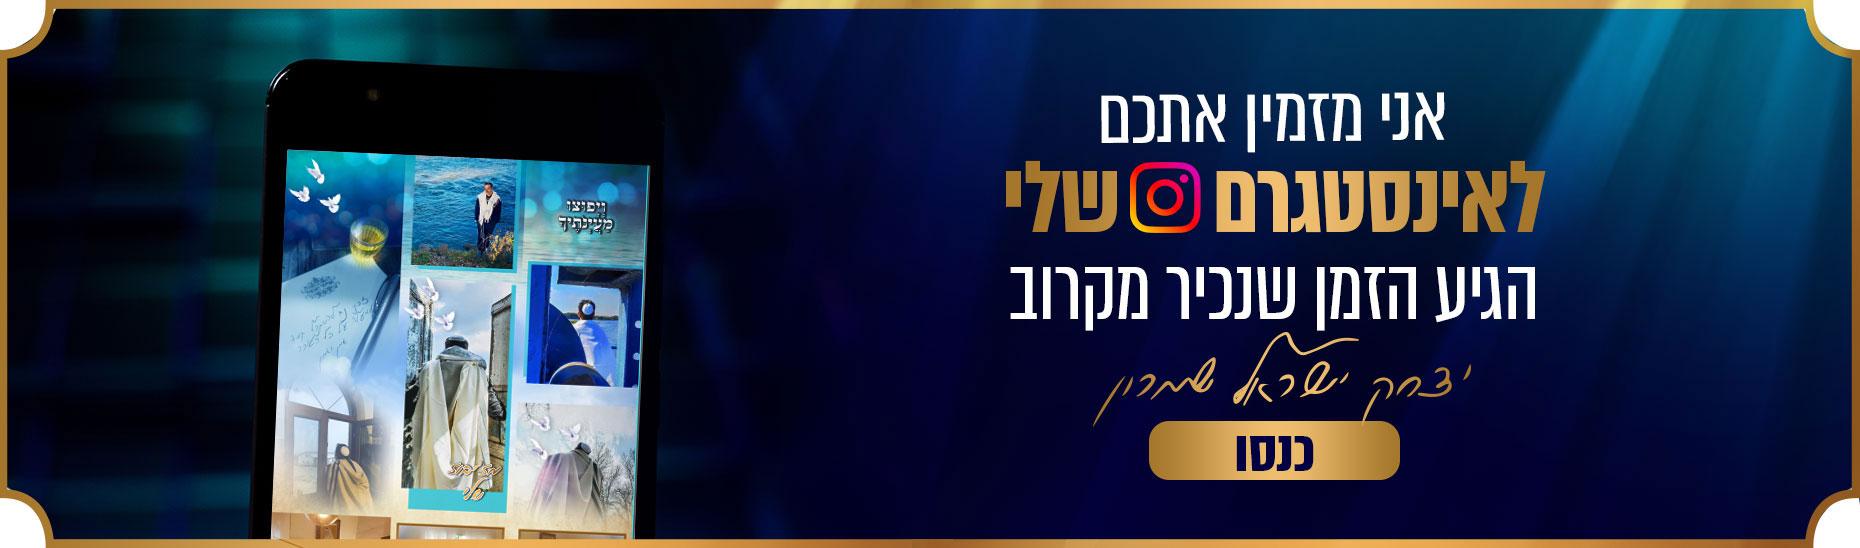 אינסטגרם - יצחק ישראל שמרון - ניצחתי ואנצח